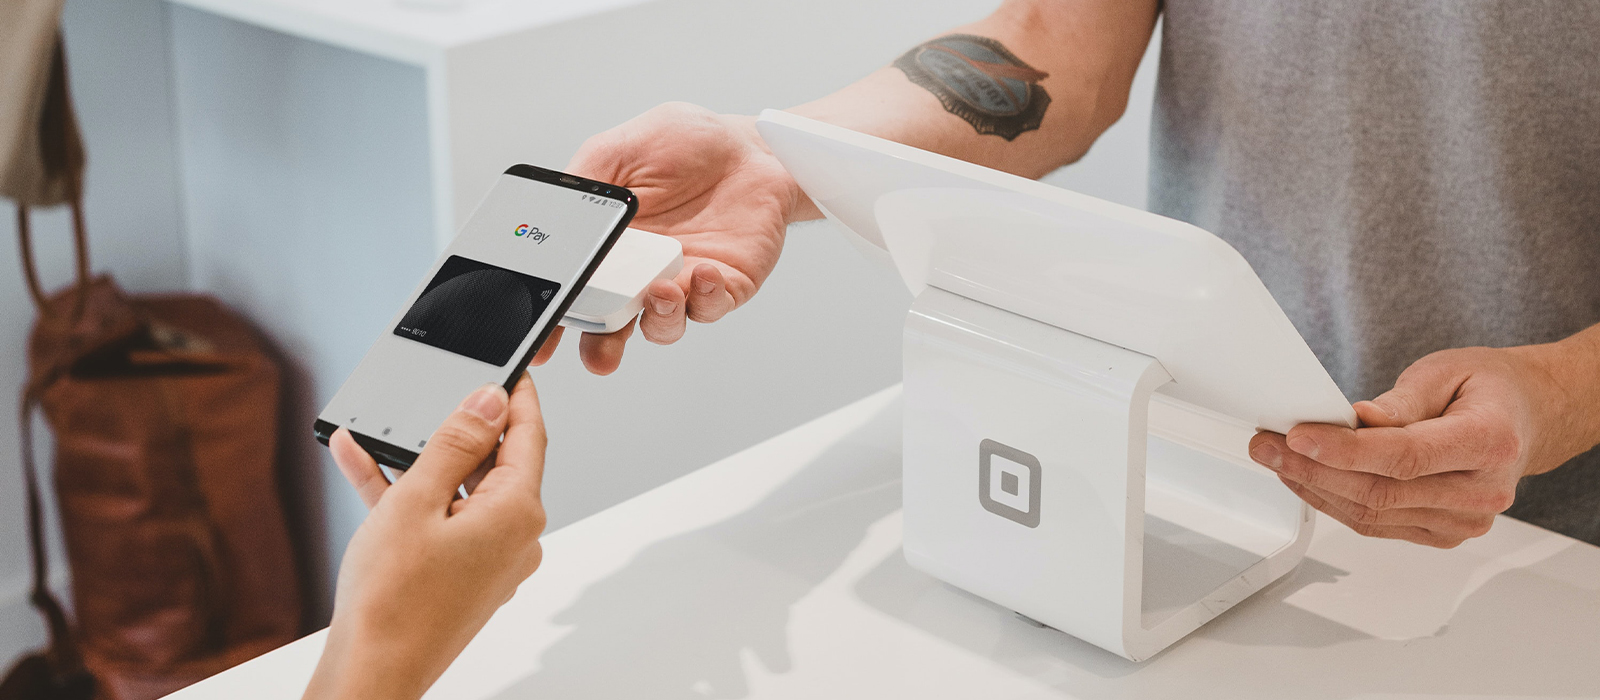 BNPL vs credit cards: The great debate